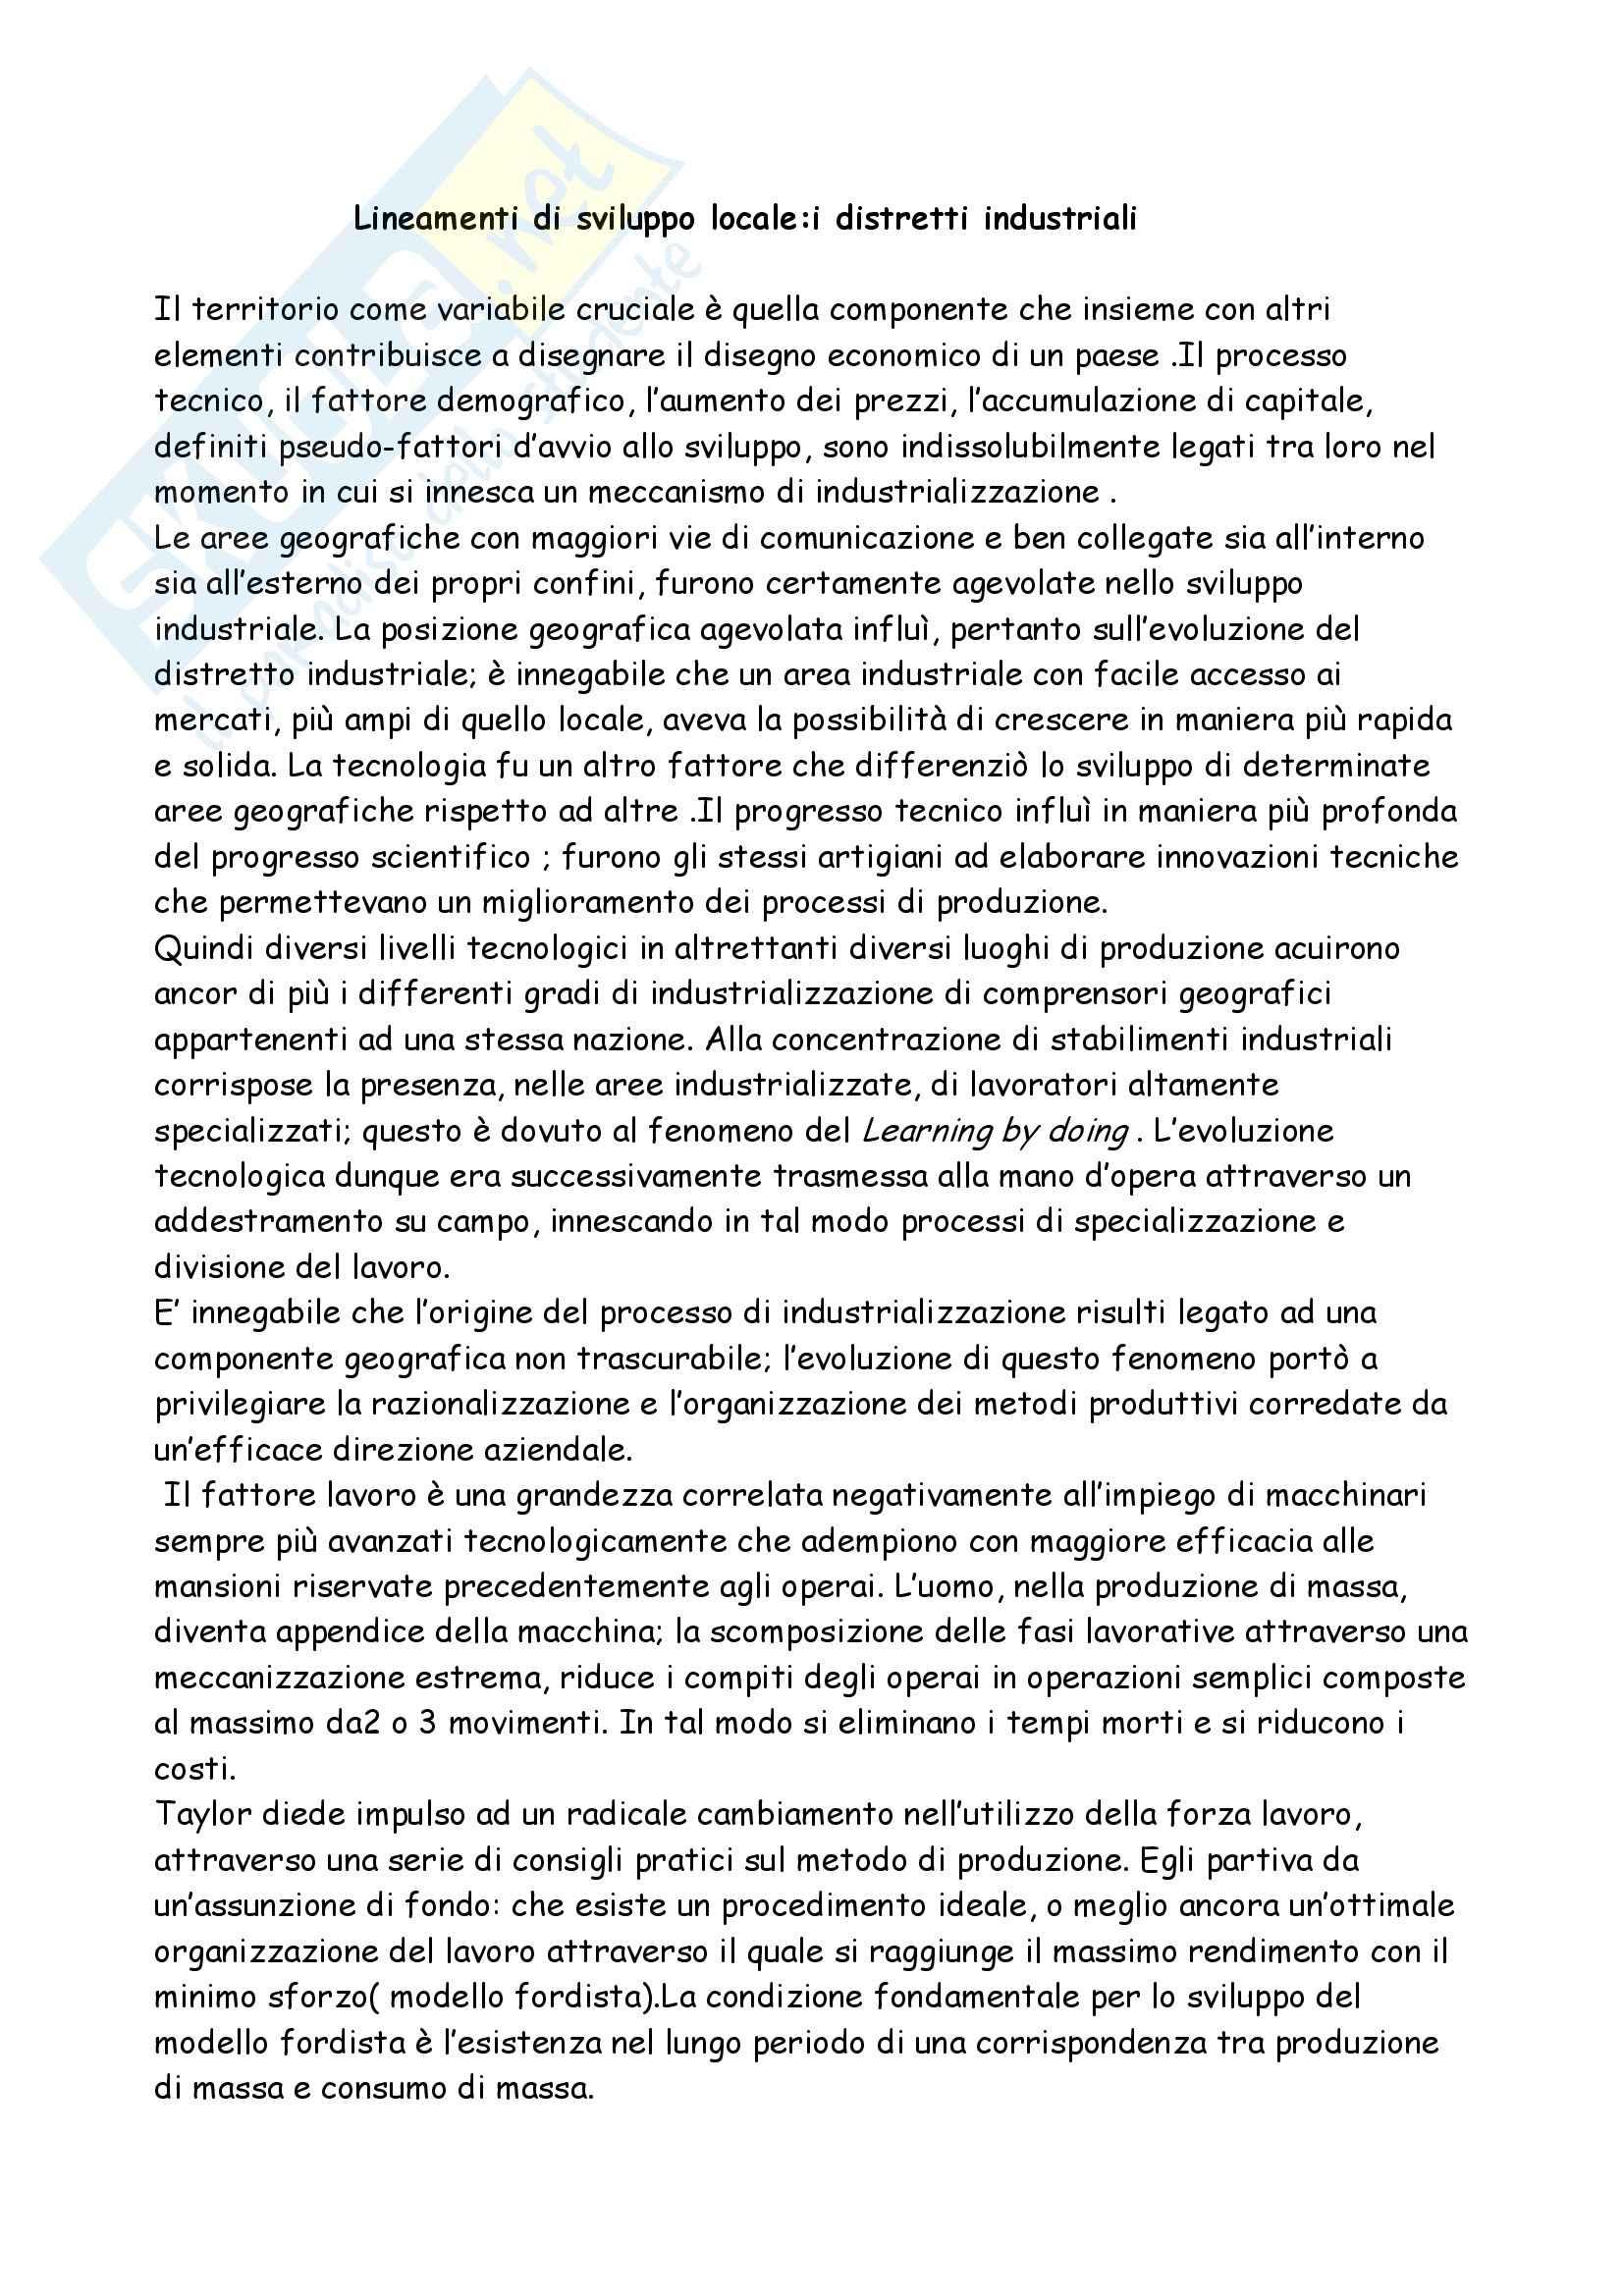 Lineamenti di sviluppo locale, Salsano - Appunti